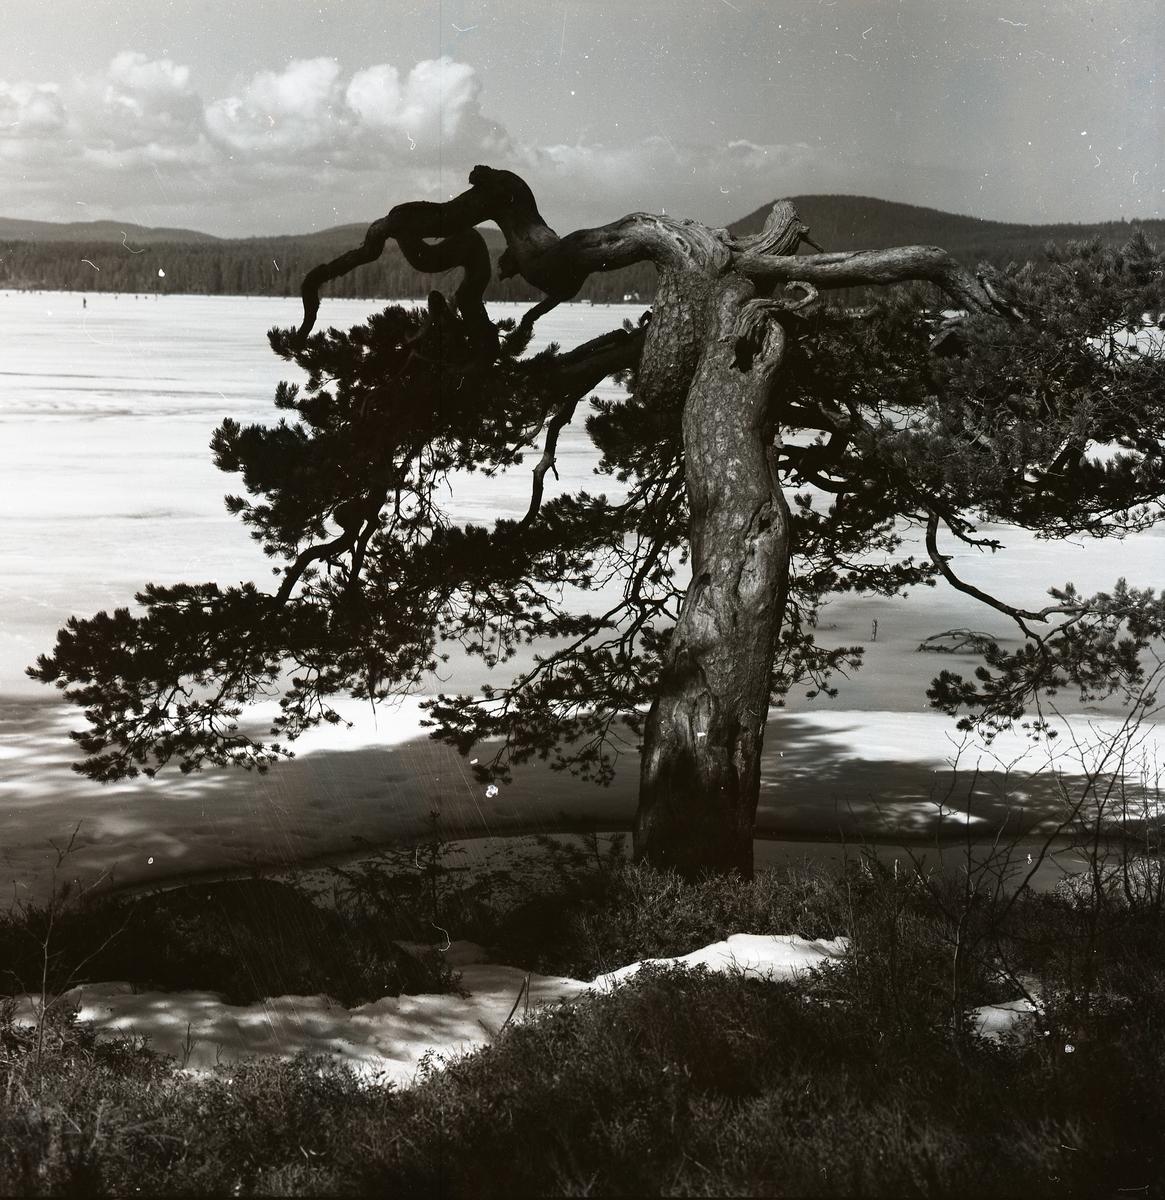 Ett stort träd med delad topp intill en sjö, 22 april 1957.